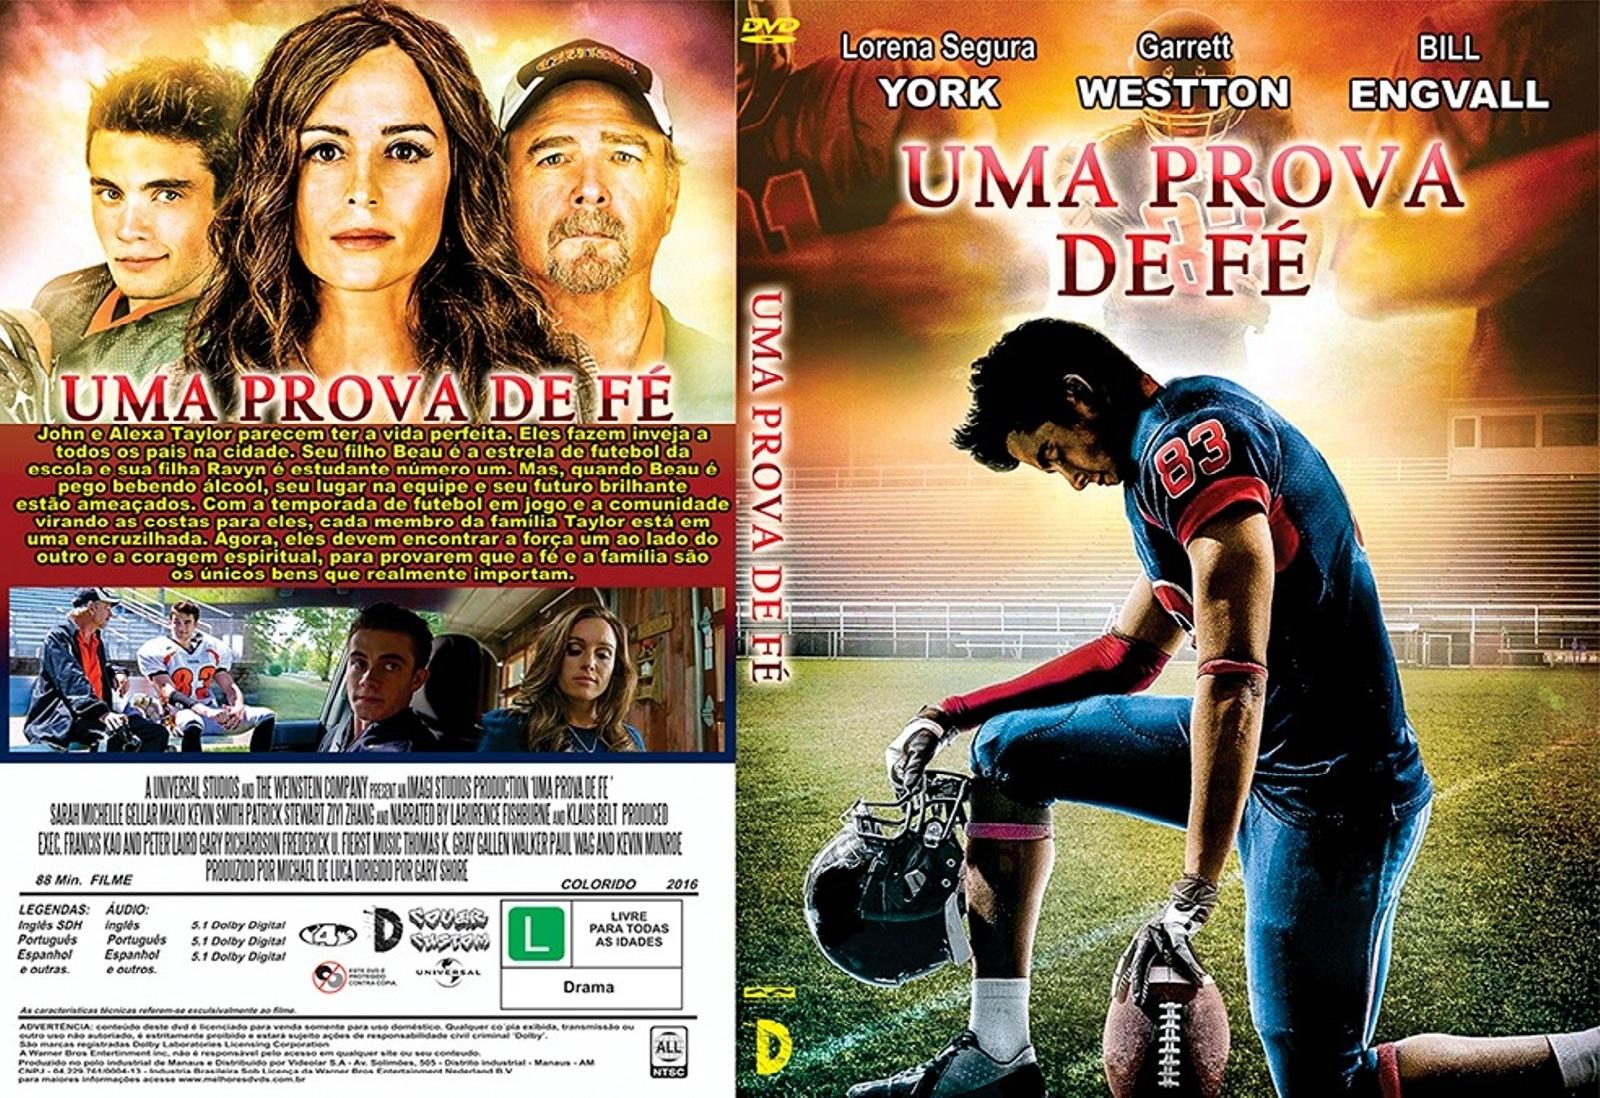 FILME ONLINE UMA PROVA DE FÉ - ASSISTA ONLINE AQUI